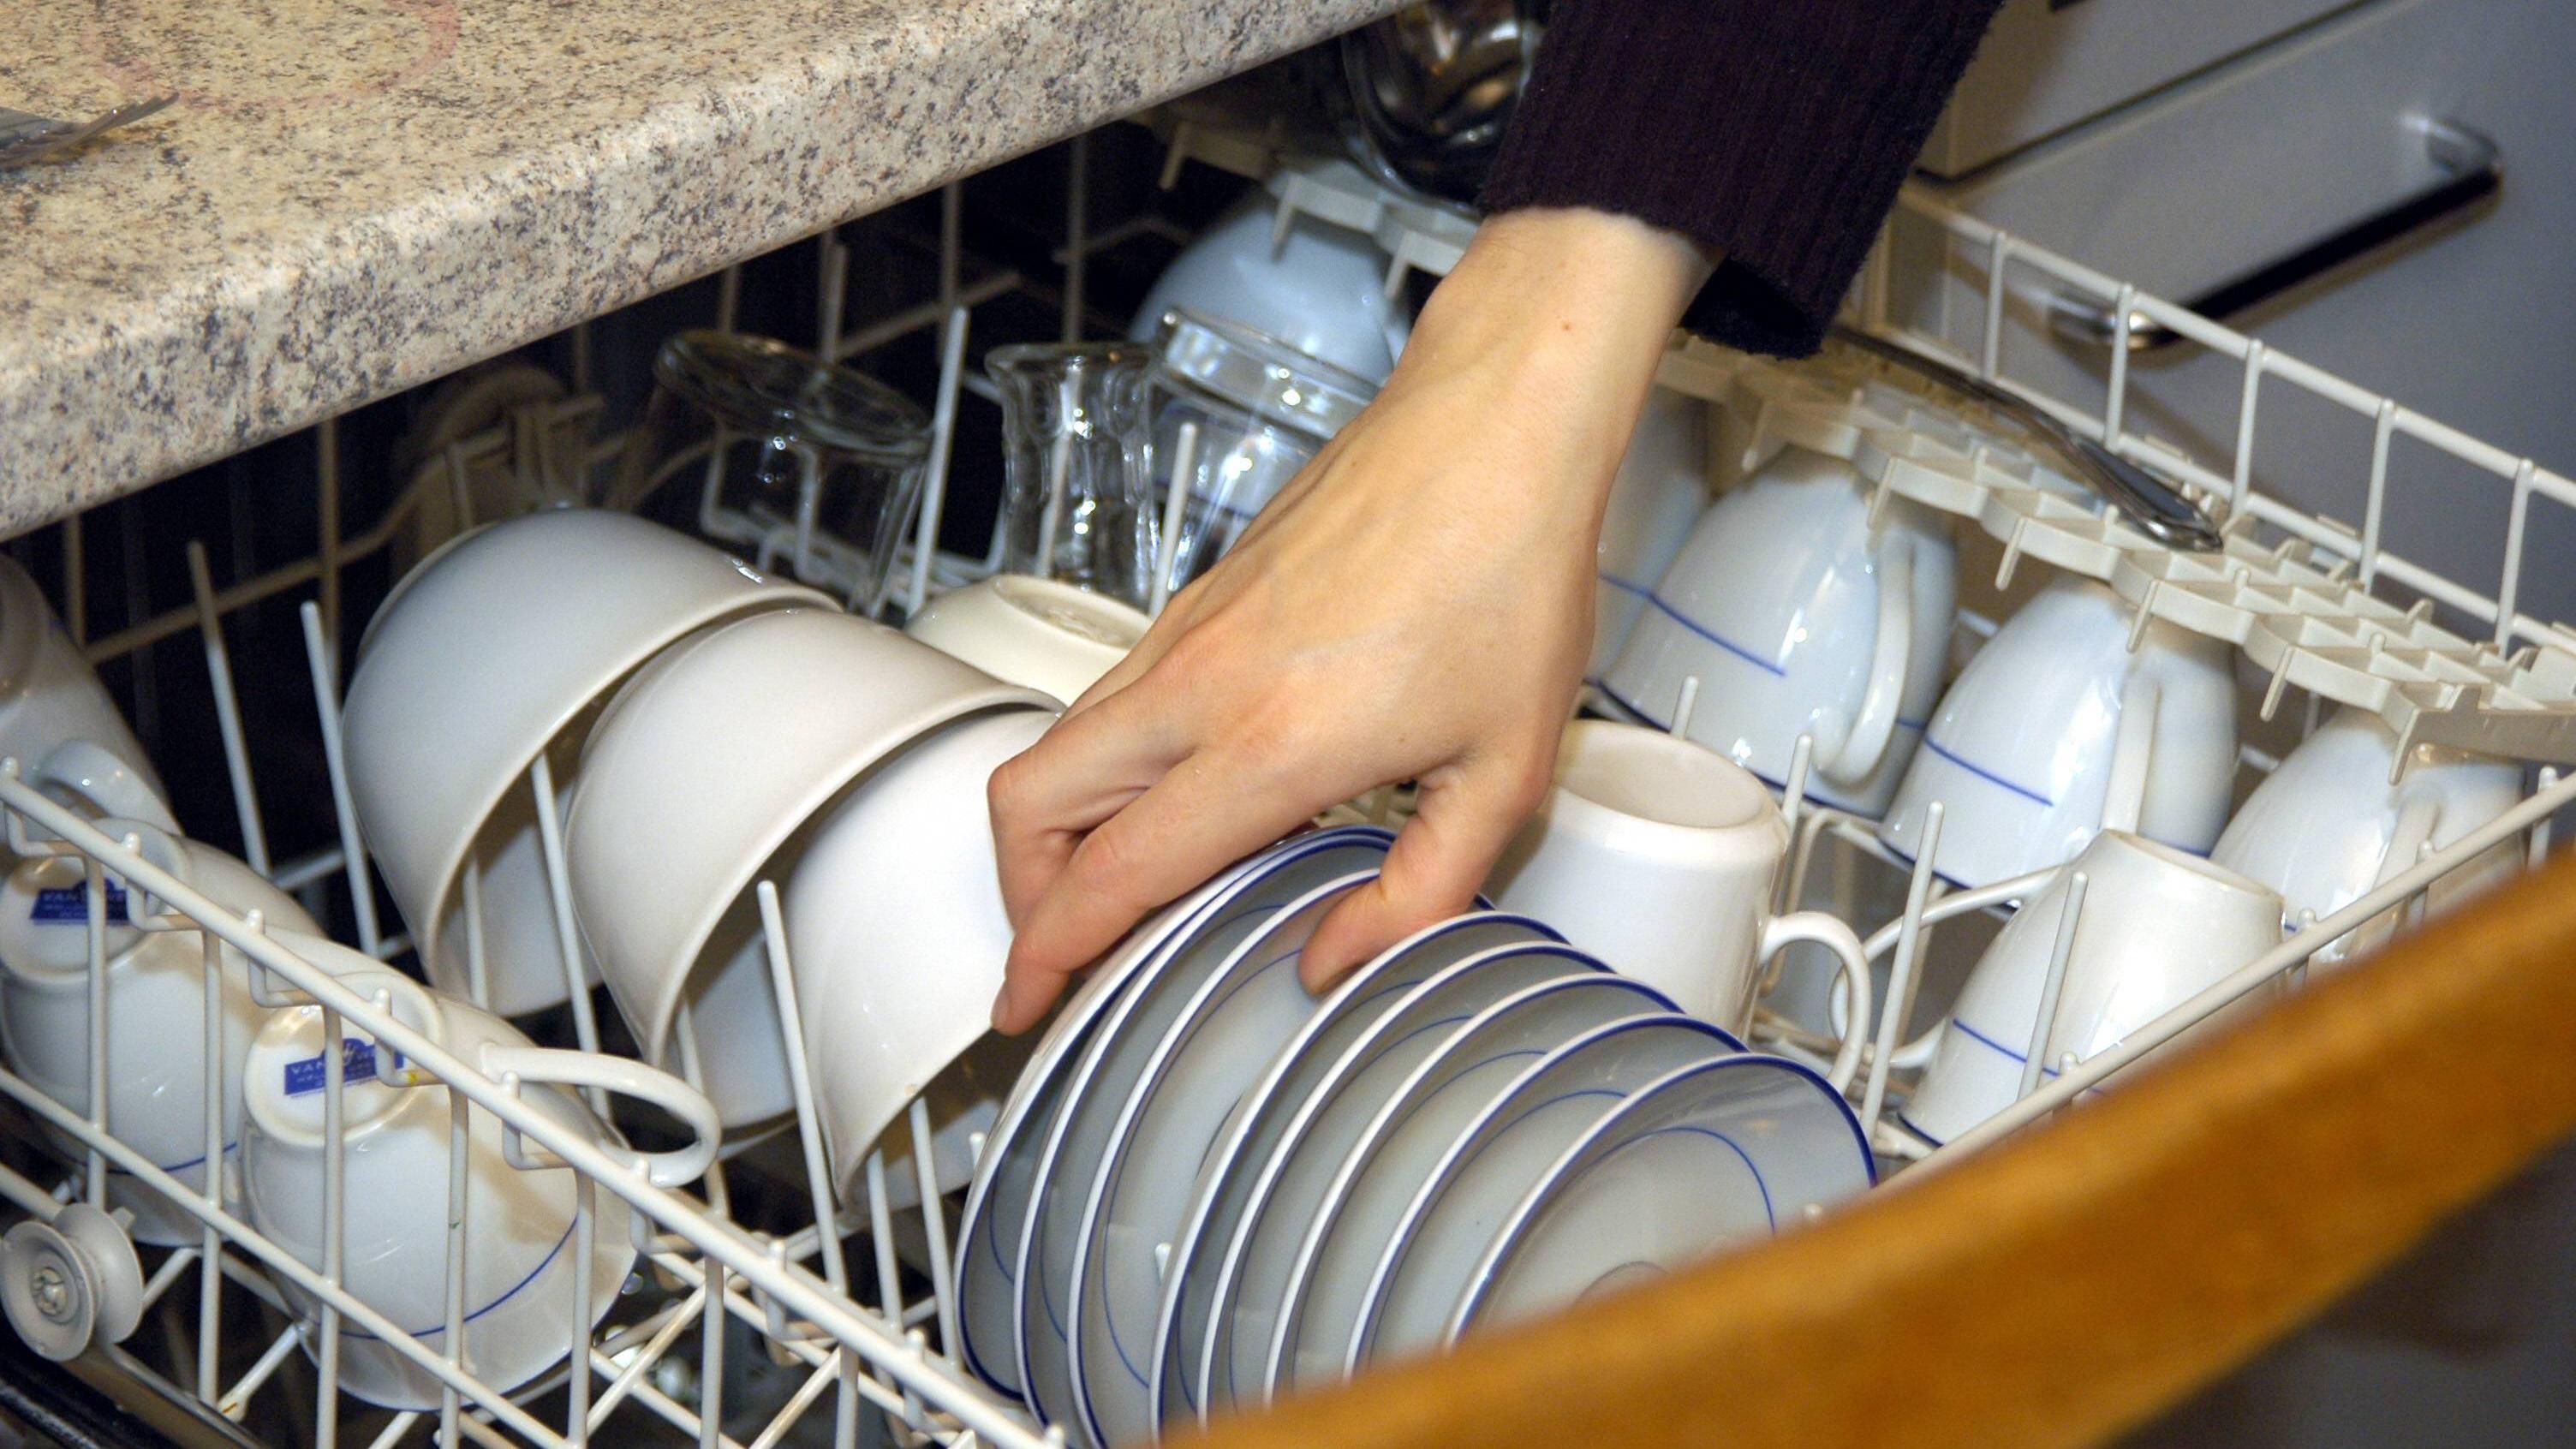 Spülmaschine richtig einräumen - so wird alles sauber